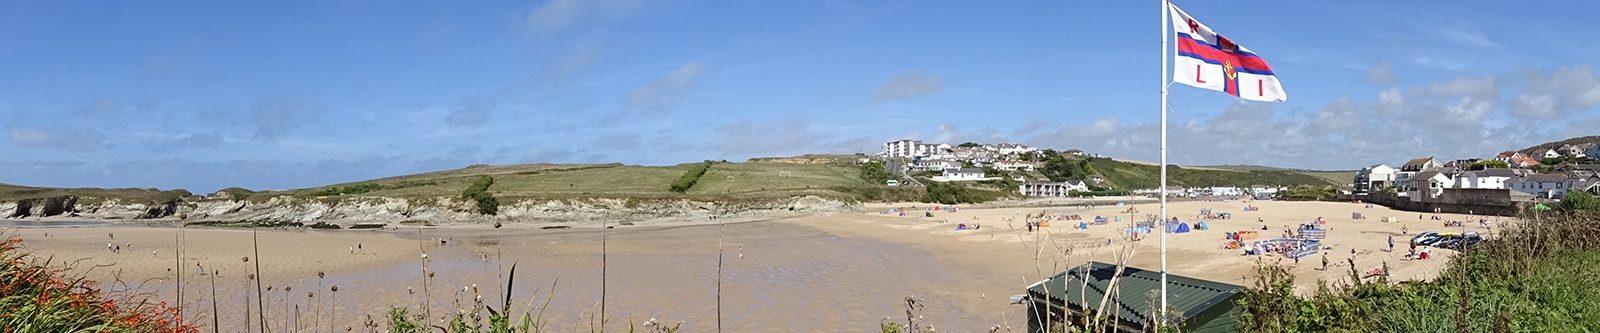 beach at Porth